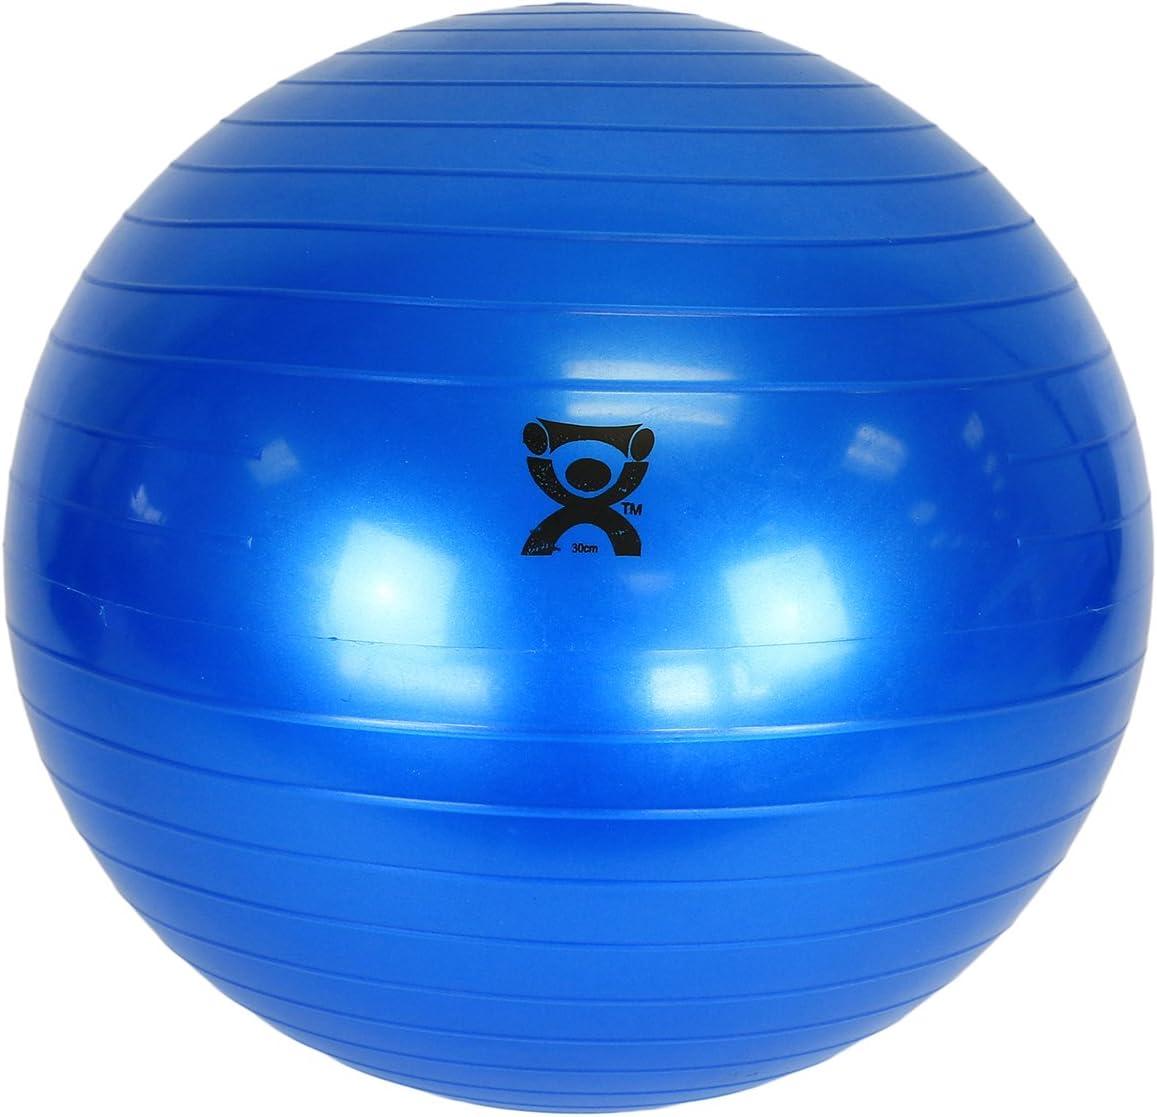 Wei/ß BESPORTBLE 50 St/ück Yoga Ball Luftstopfen Sportball Luftstift Sprungball Luftstopper f/ür Fitness Fitness